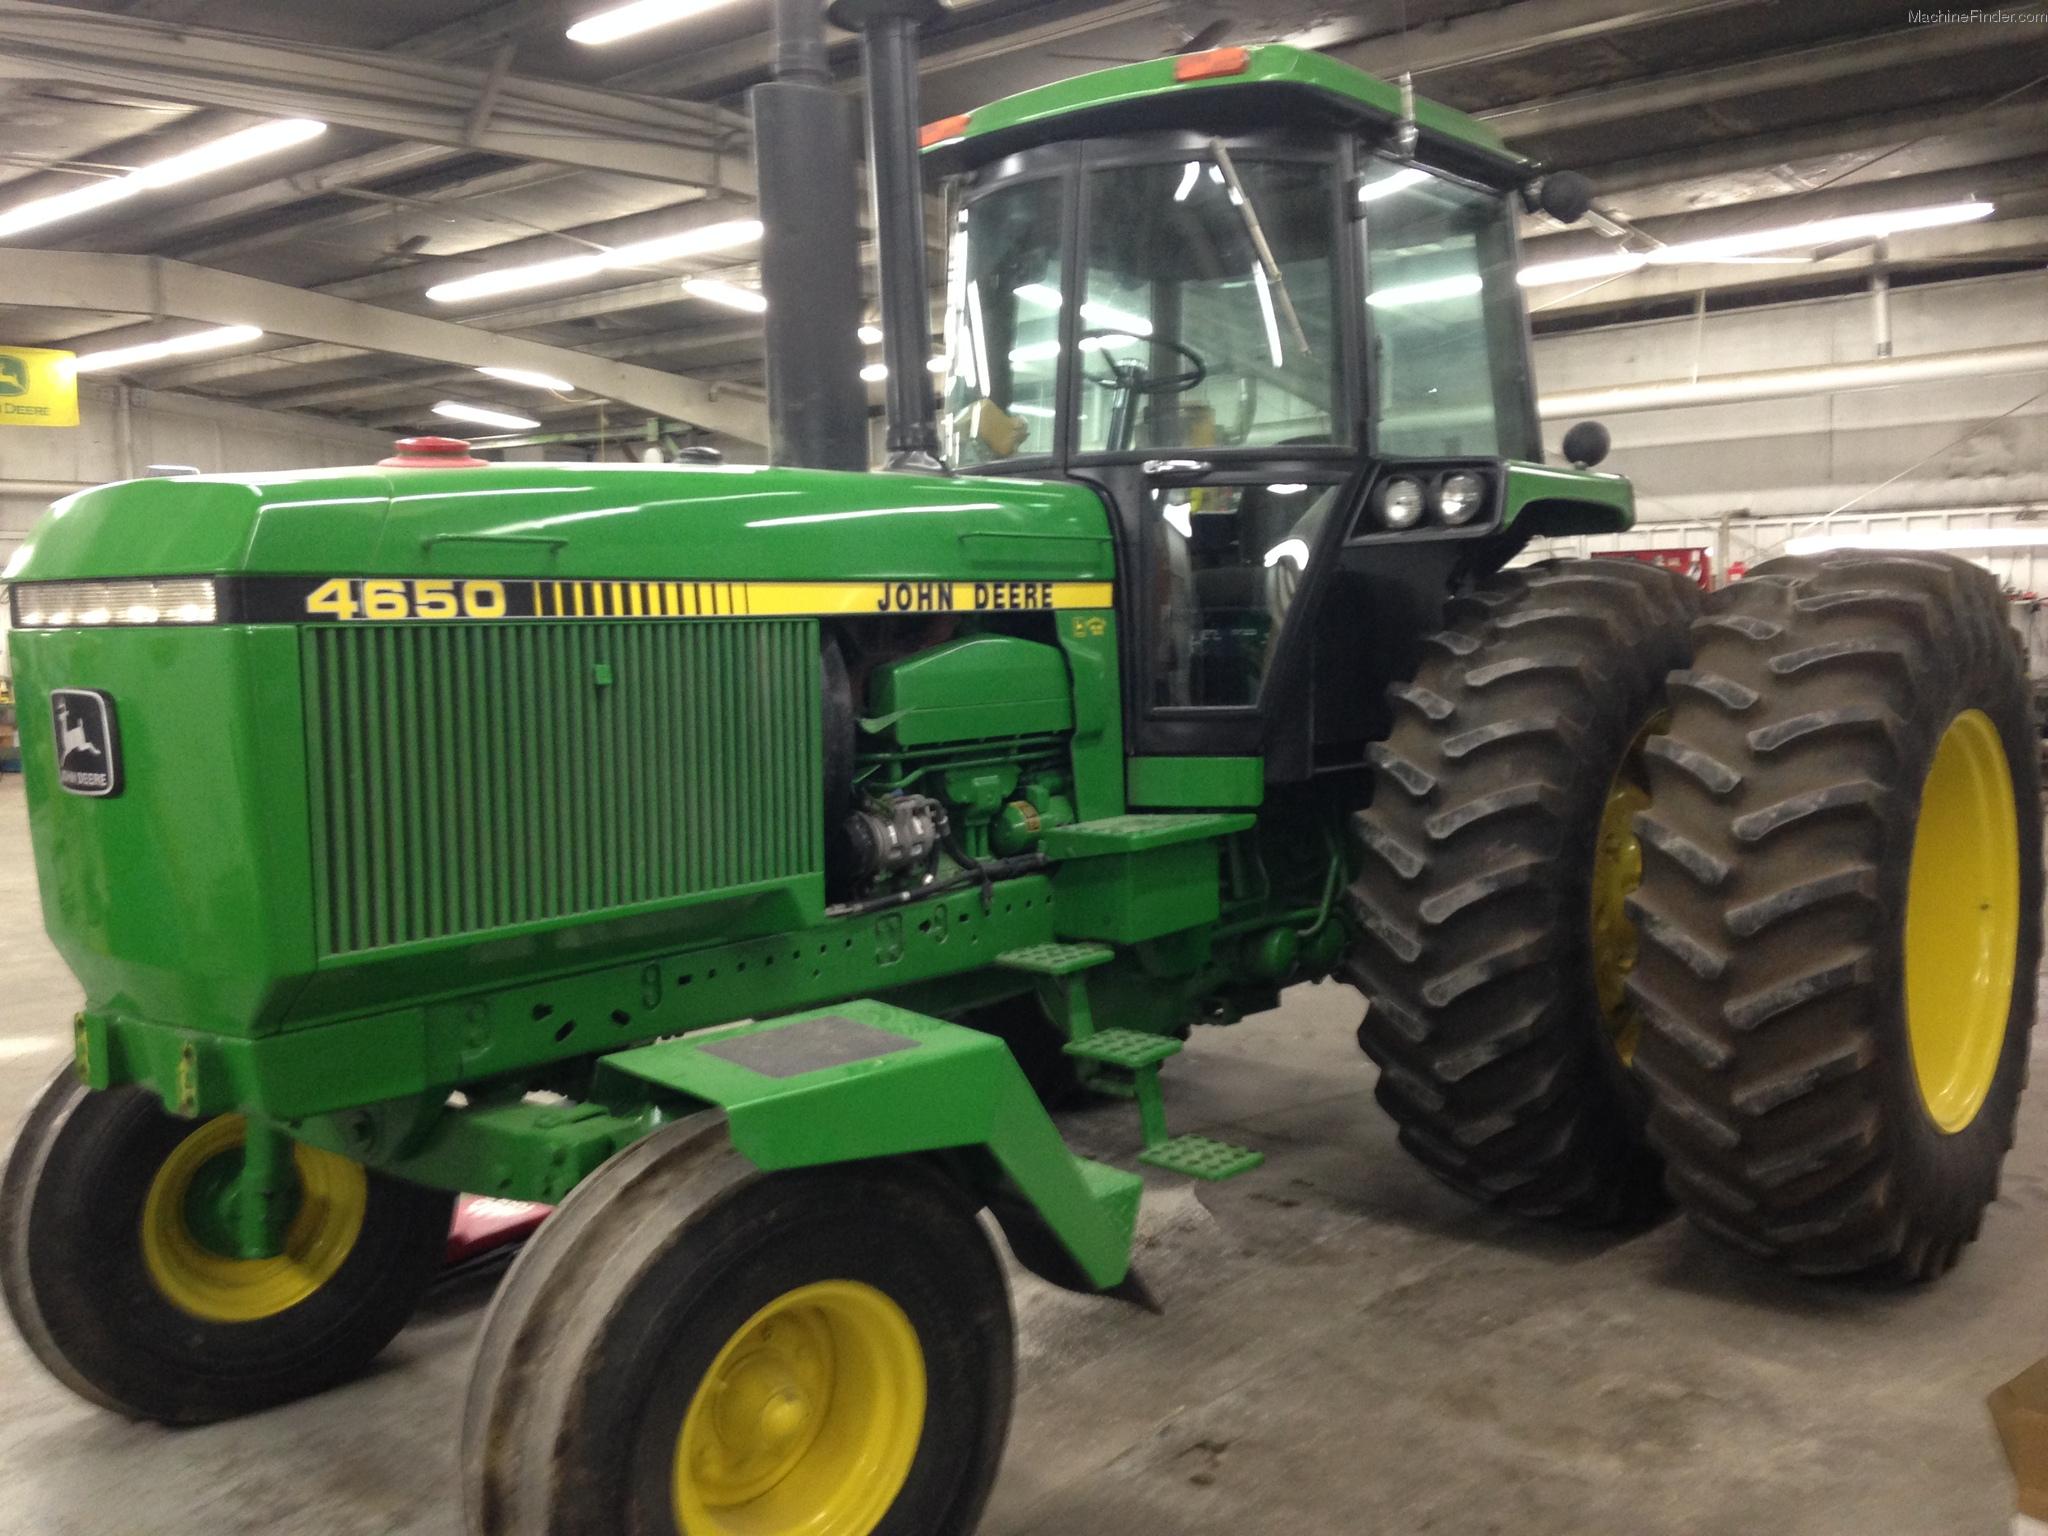 1985 John Deere 4650 Tractors - Row Crop (+100hp) - John ...